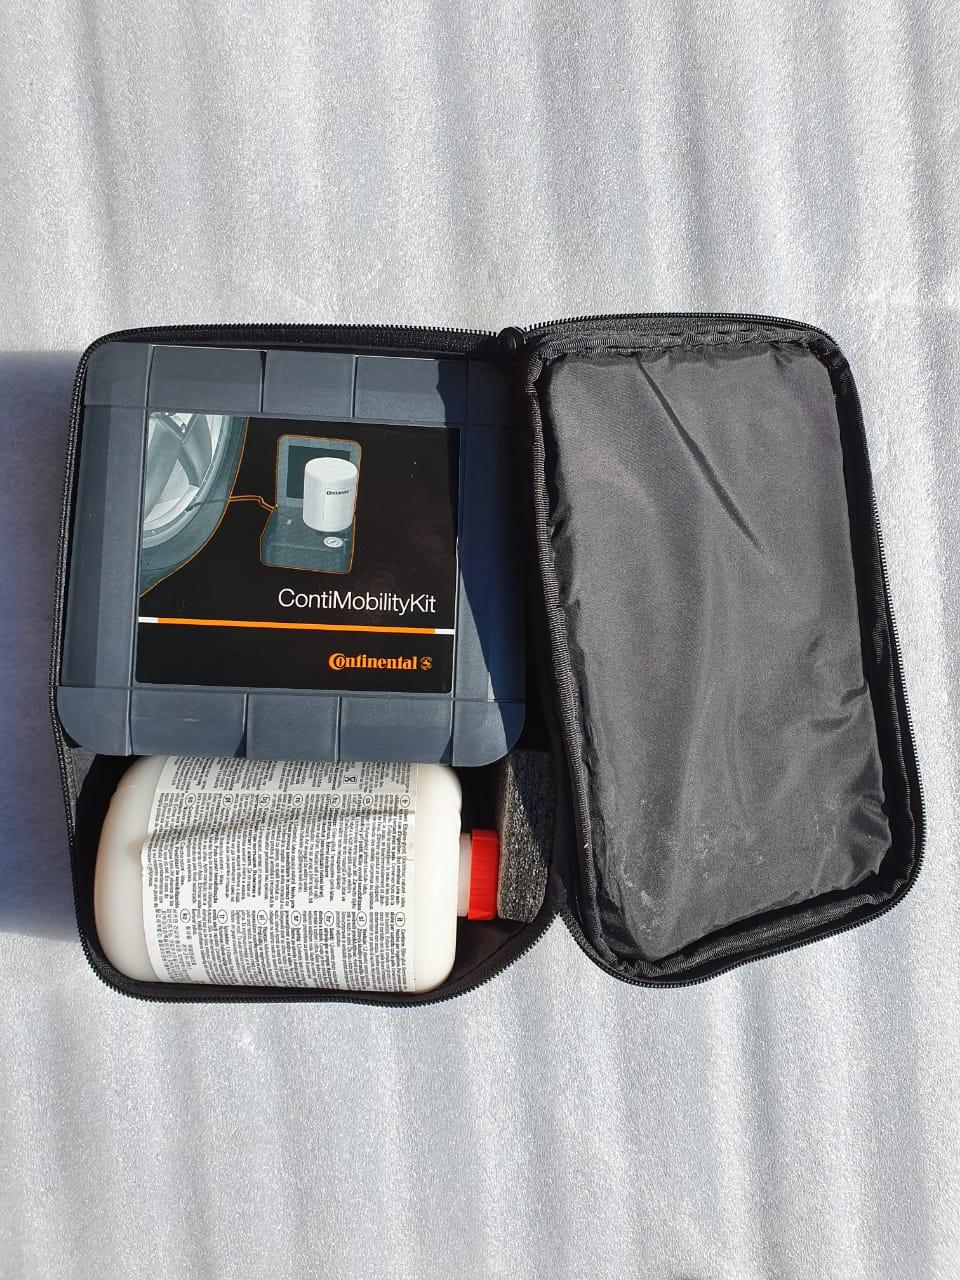 ContiMobilityKit - Repair Kit